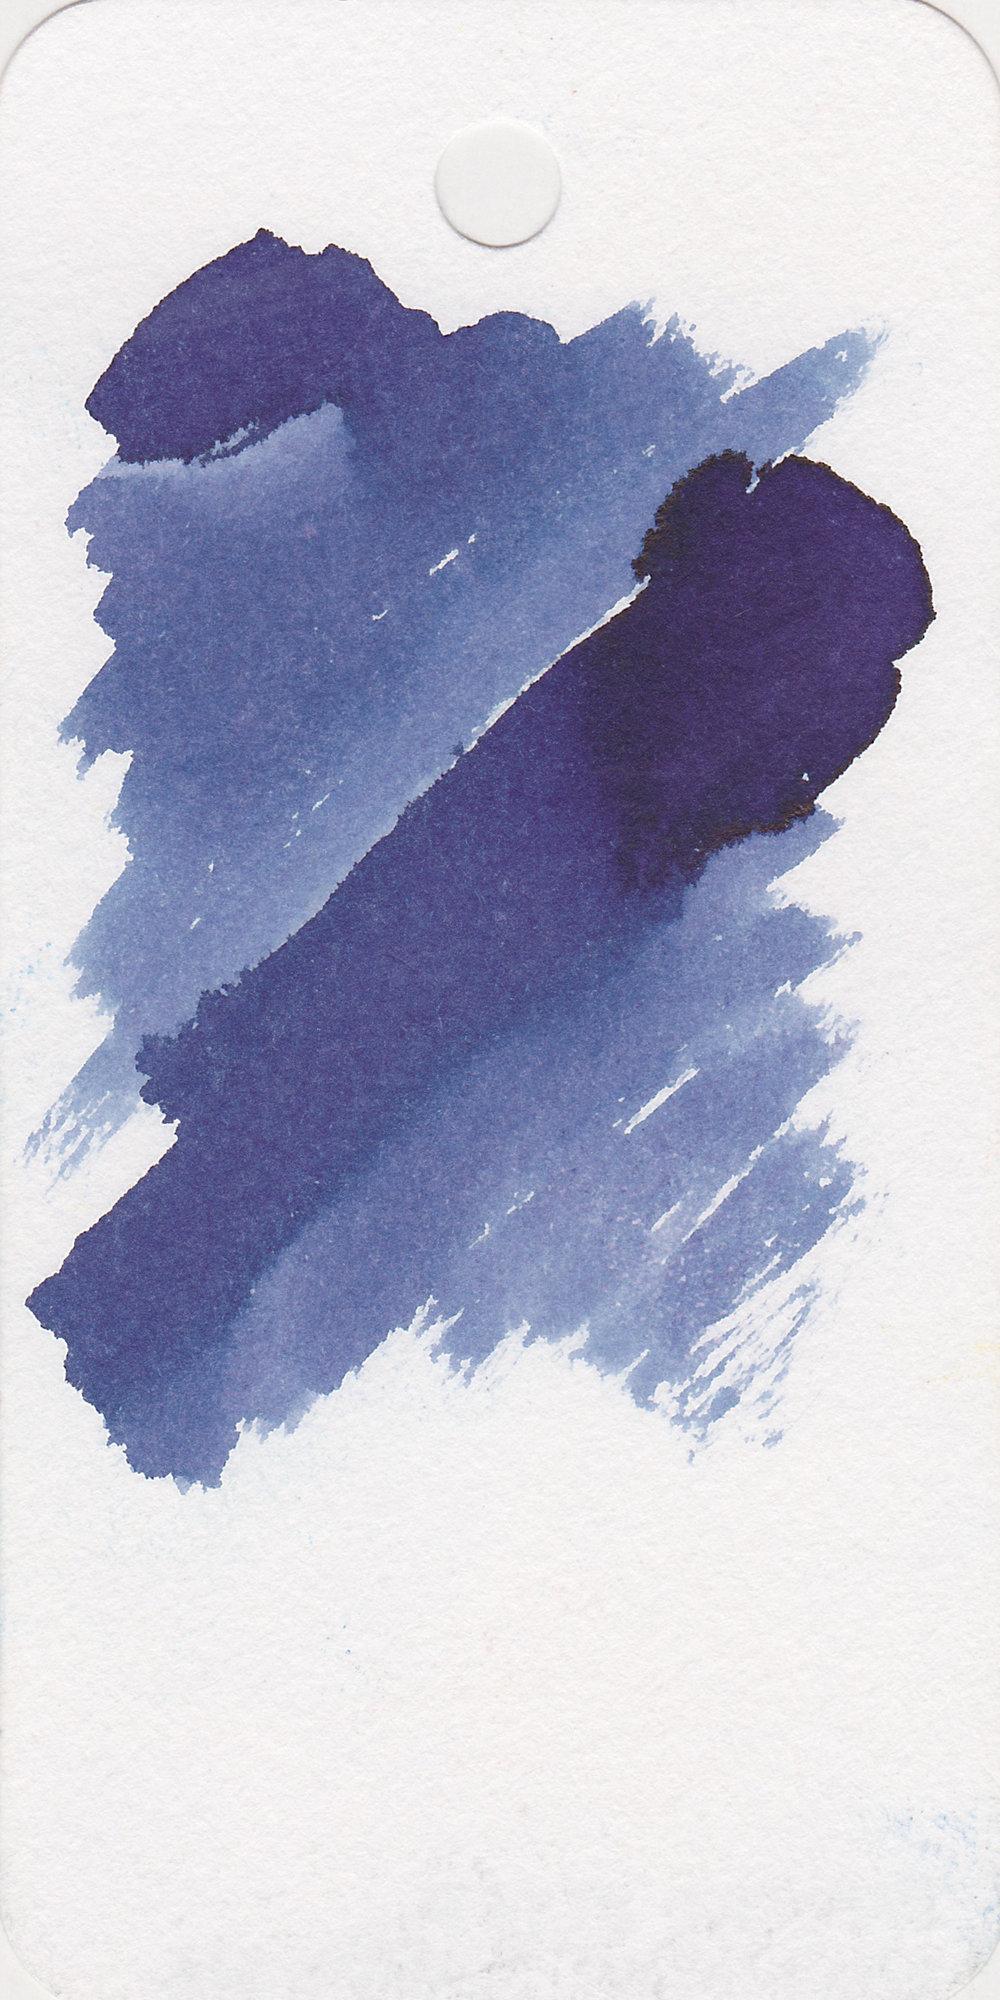 ro-darkstar-blue-2.jpg